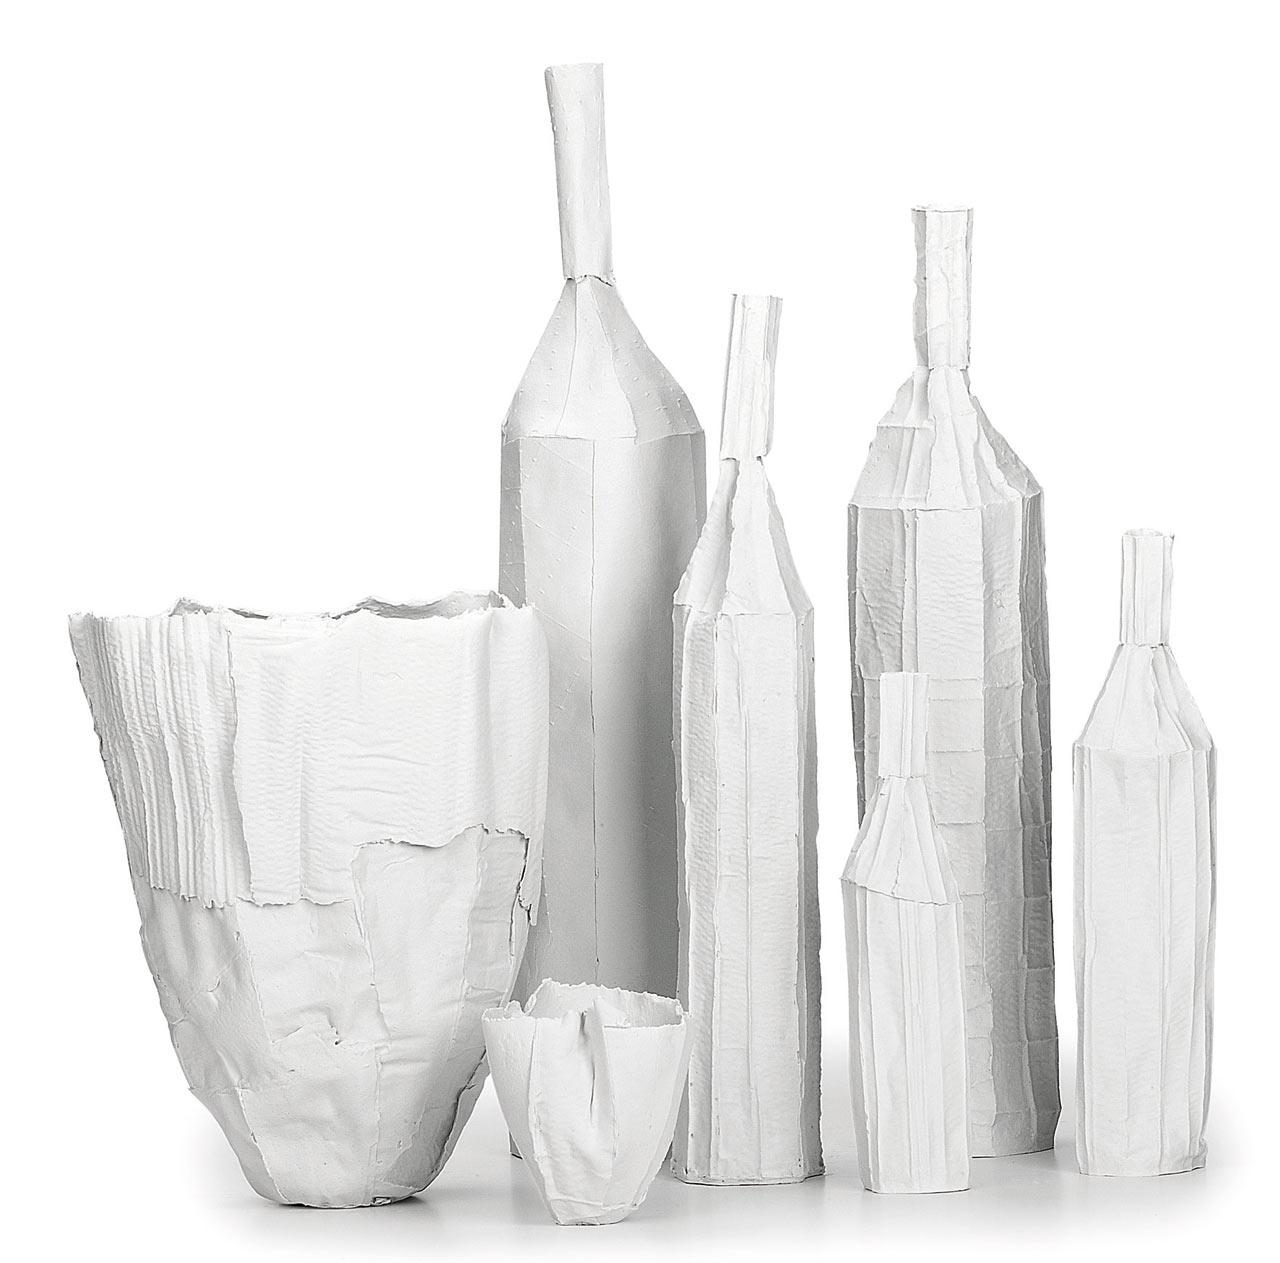 Cartocci-Paola-Paronetto-Paper-Clay-11-Corteccia